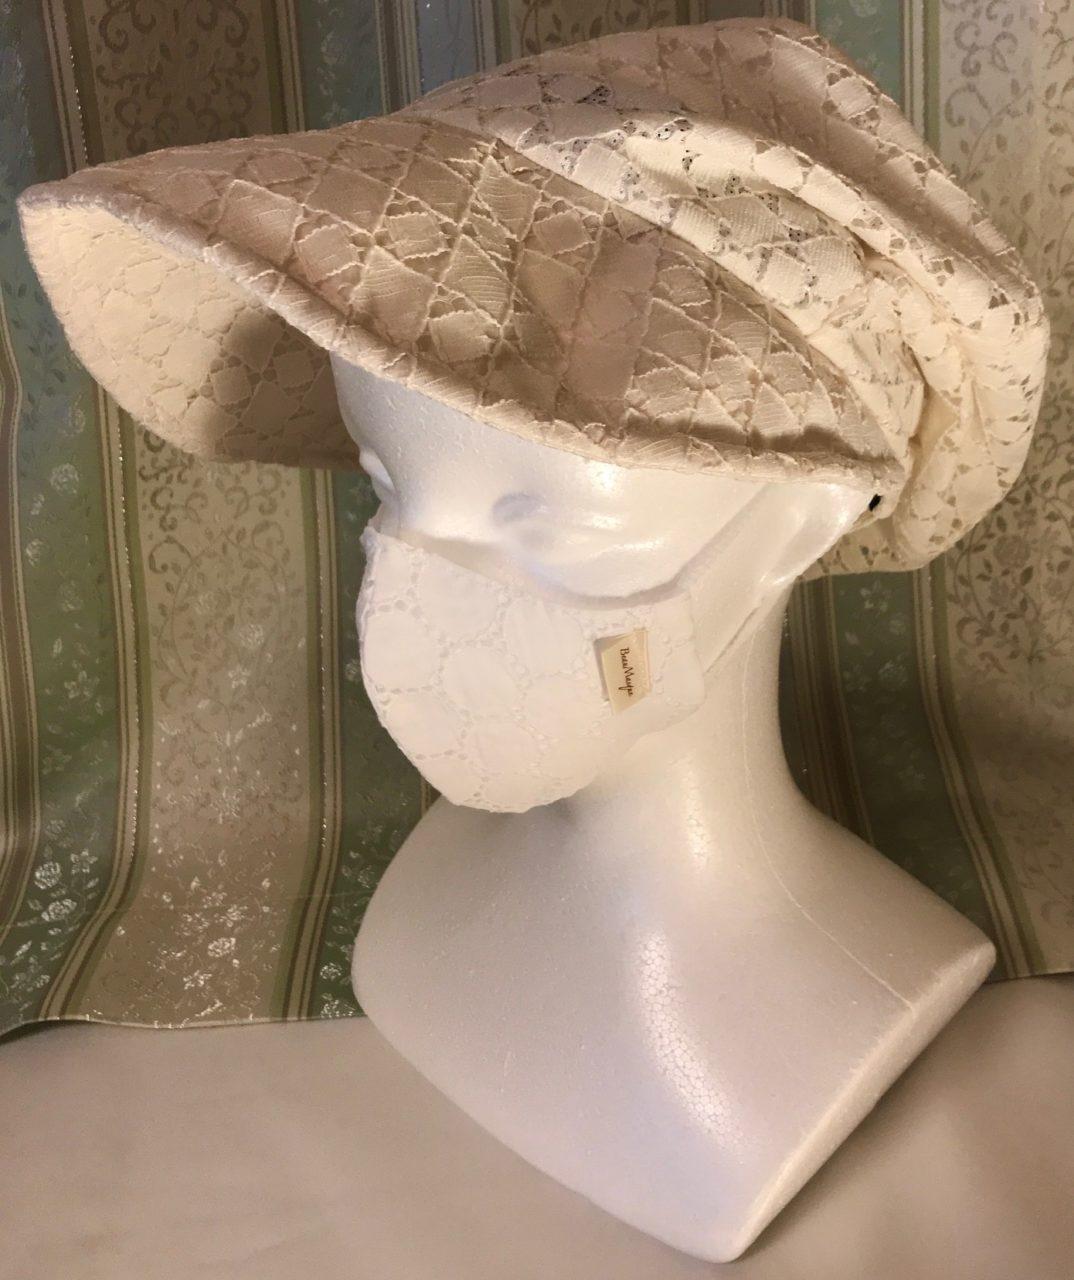 オリジナルデザイン 軽量布マスク  Forme originale,  Masque en tissu légerの画像